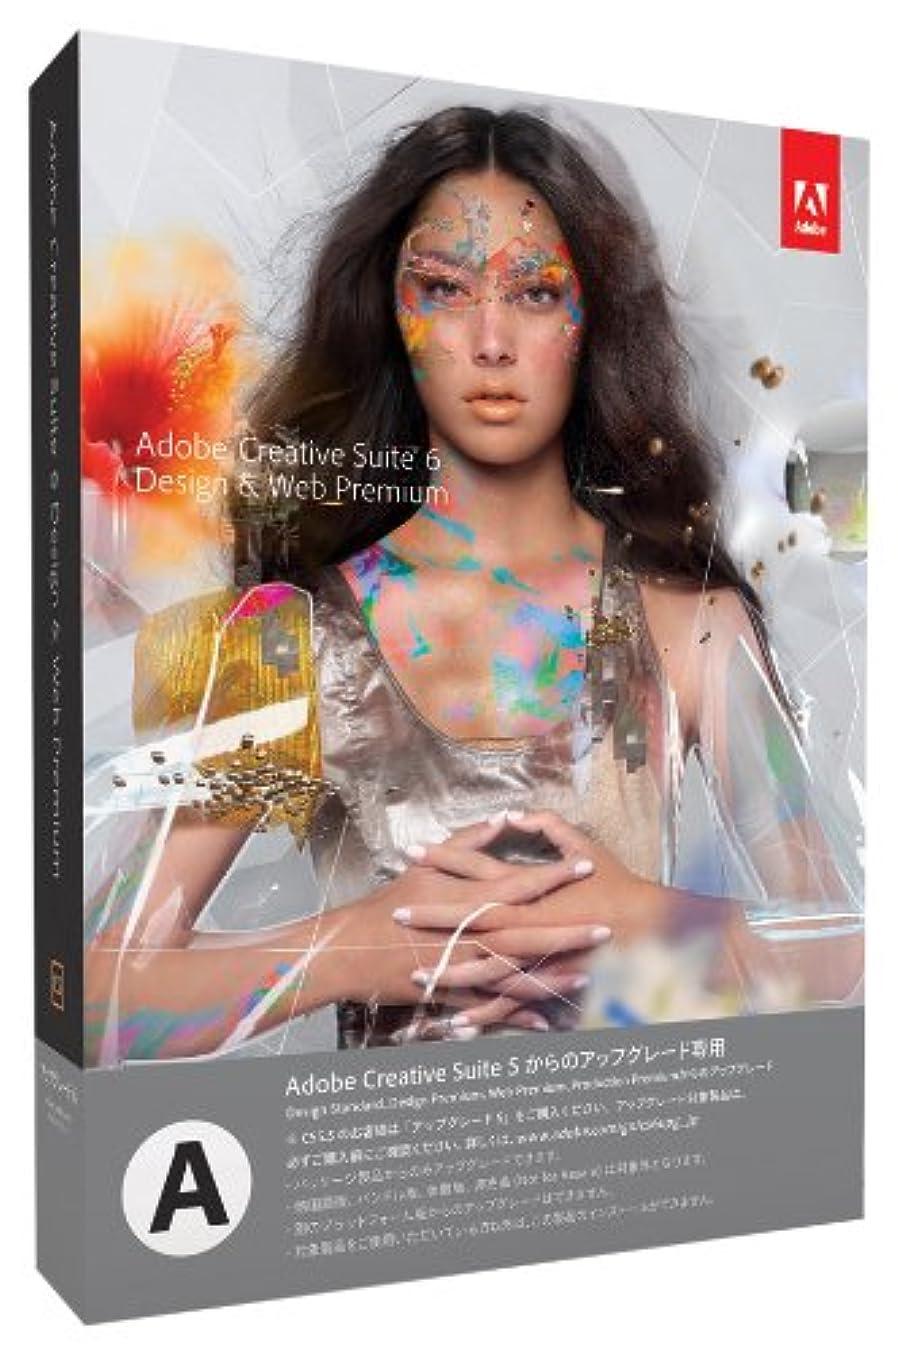 火山学者その他エトナ山Adobe Creative Suite 6 Design & Web Premium Windows版 アップグレード版「A」(CS5からのアップグレード) (旧製品)